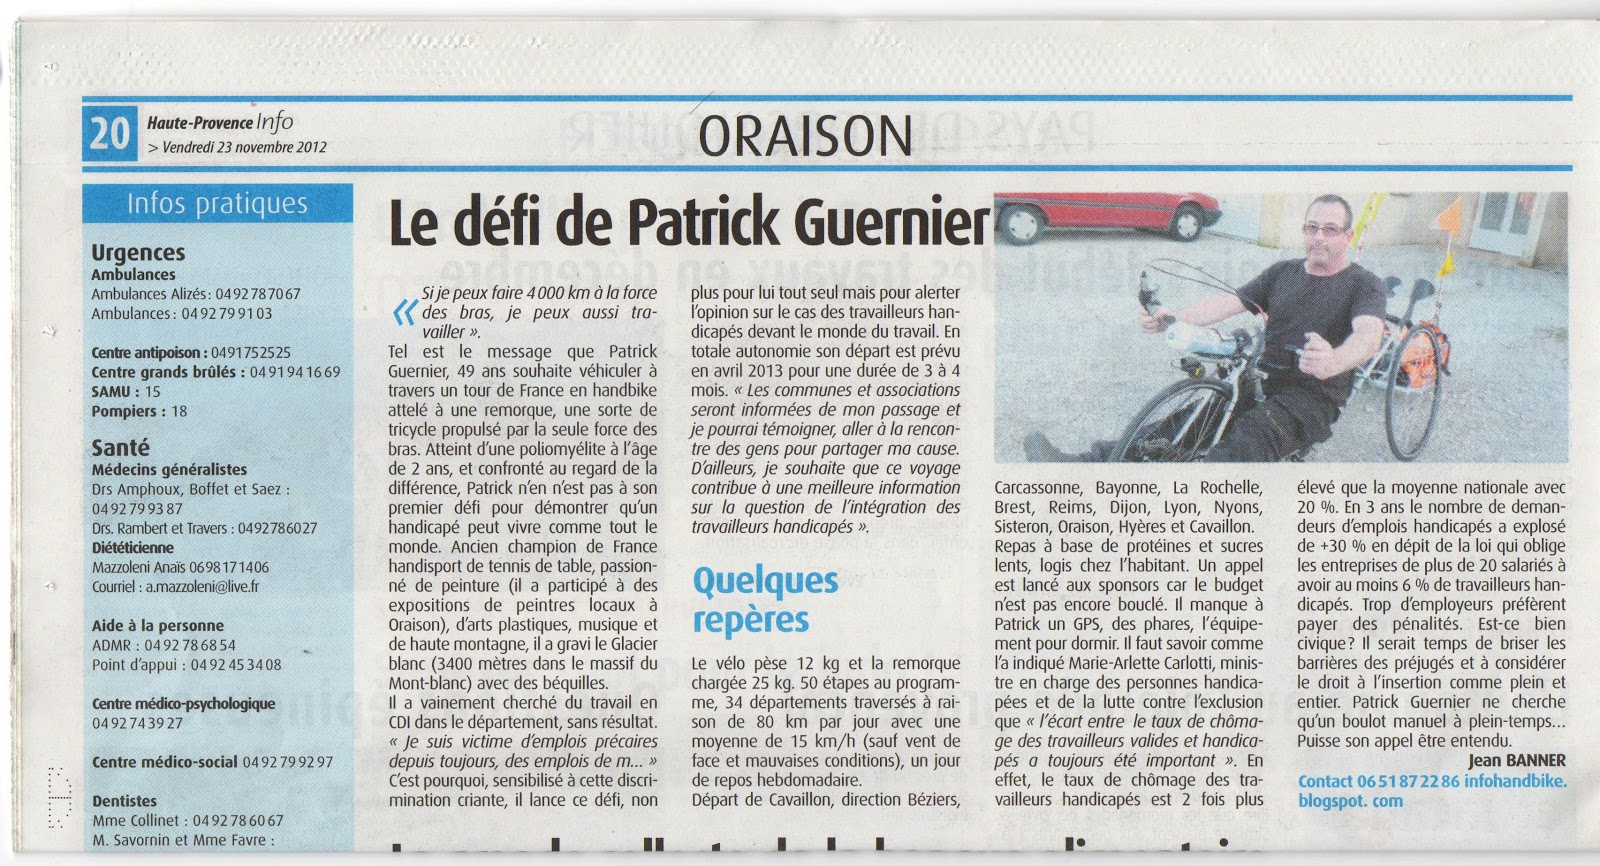 Article de presse haute provence info for Haute provence info